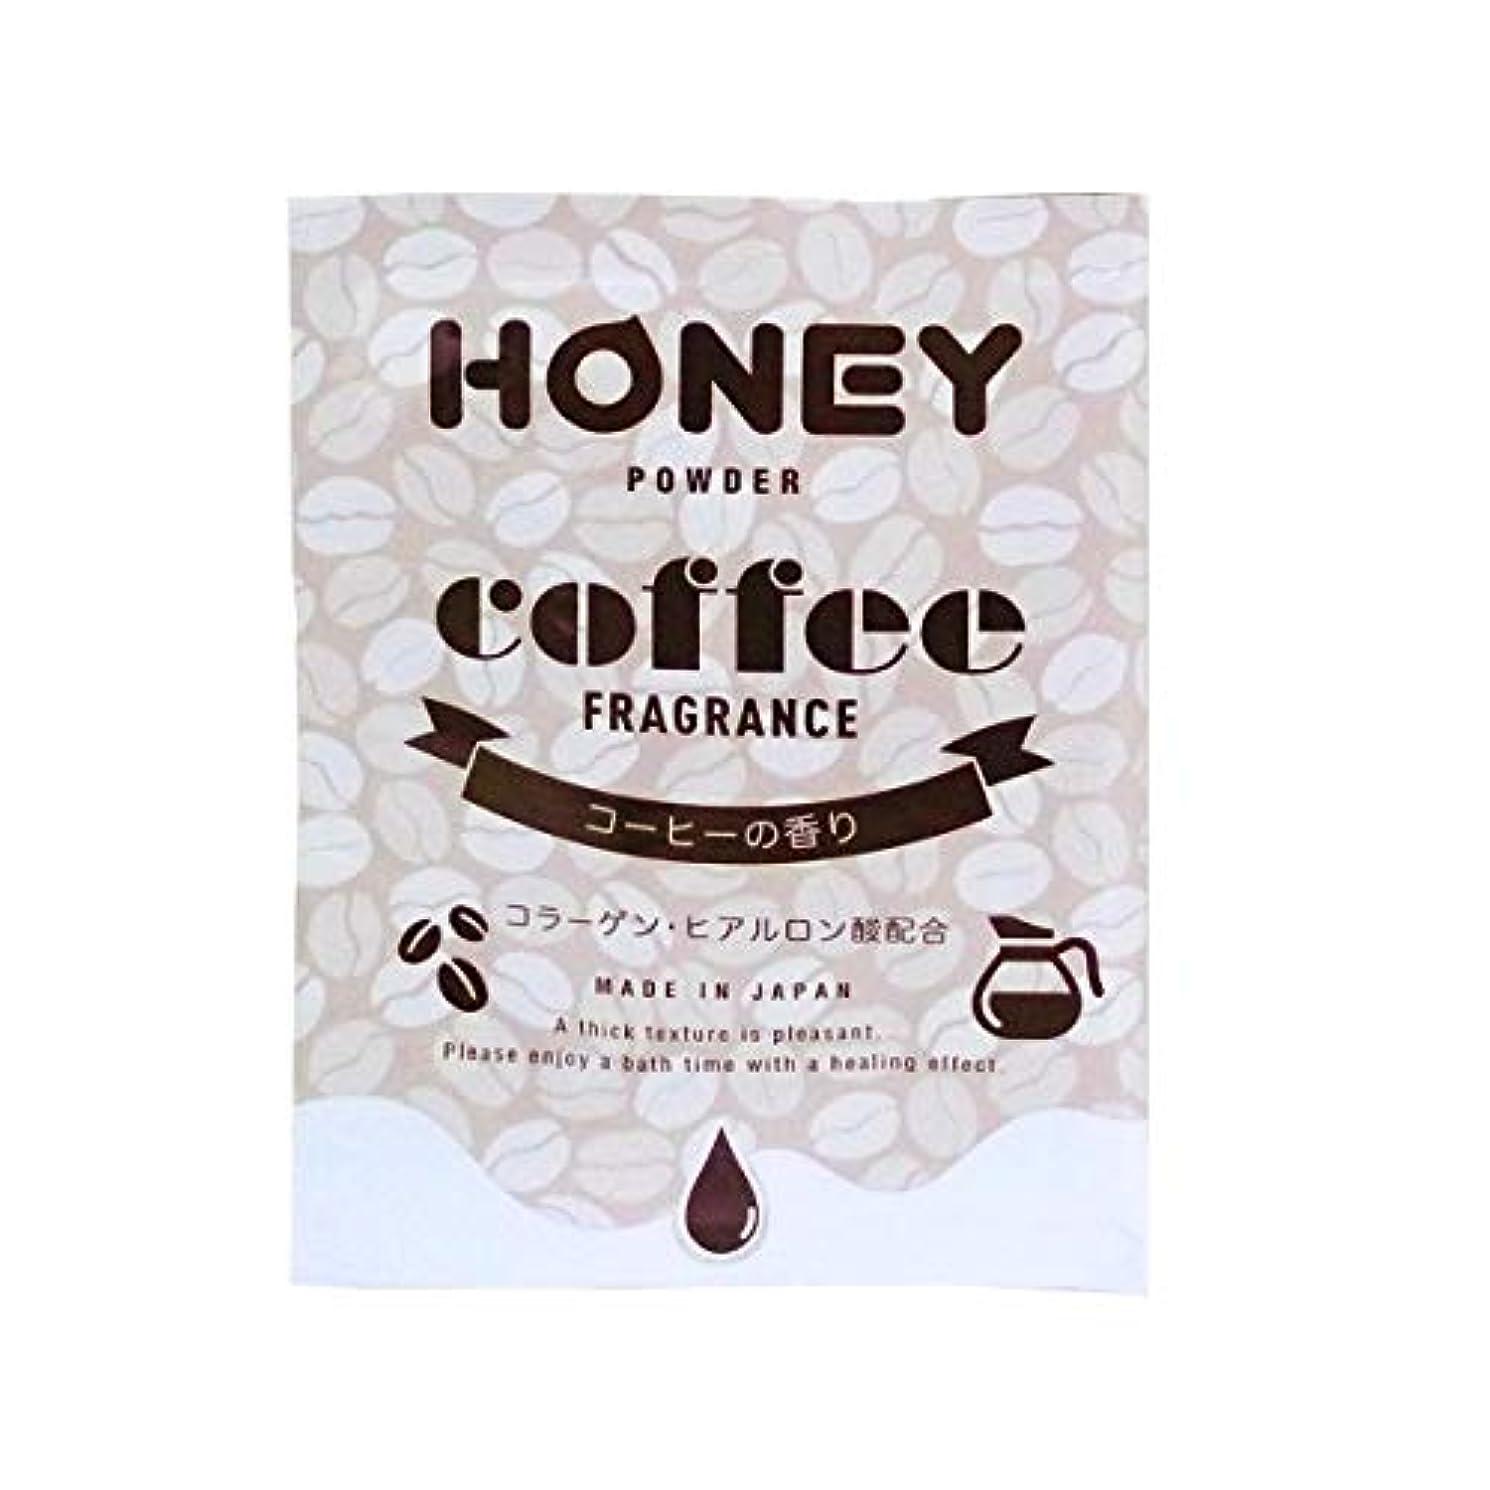 電子レンジ悲しい広々とろとろ入浴剤【honey powder】(ハニーパウダー) 2個セット コーヒーの香り 粉末タイプ ローション